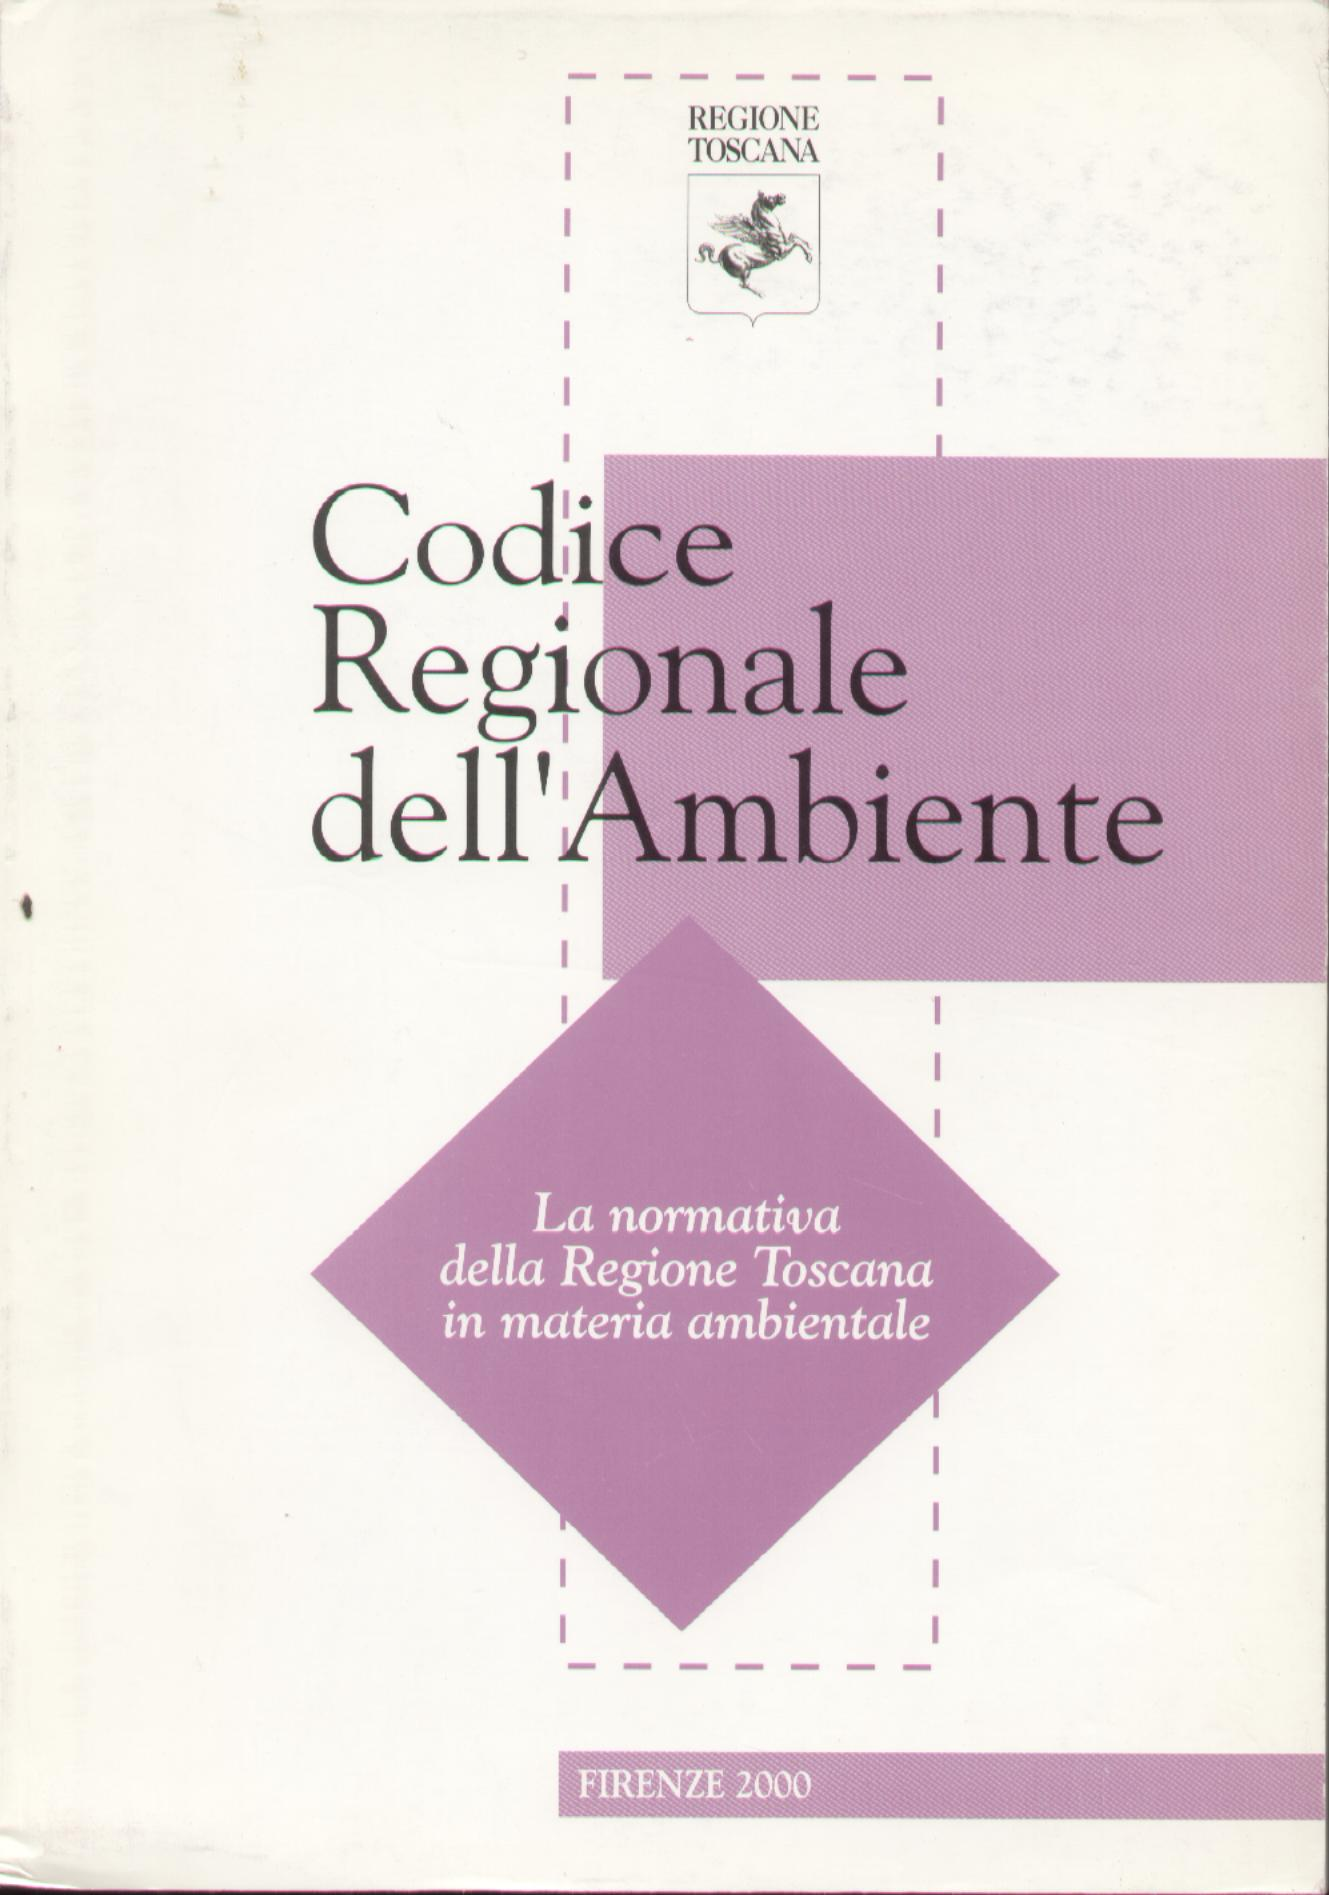 Codice Regionale dell'Ambiente